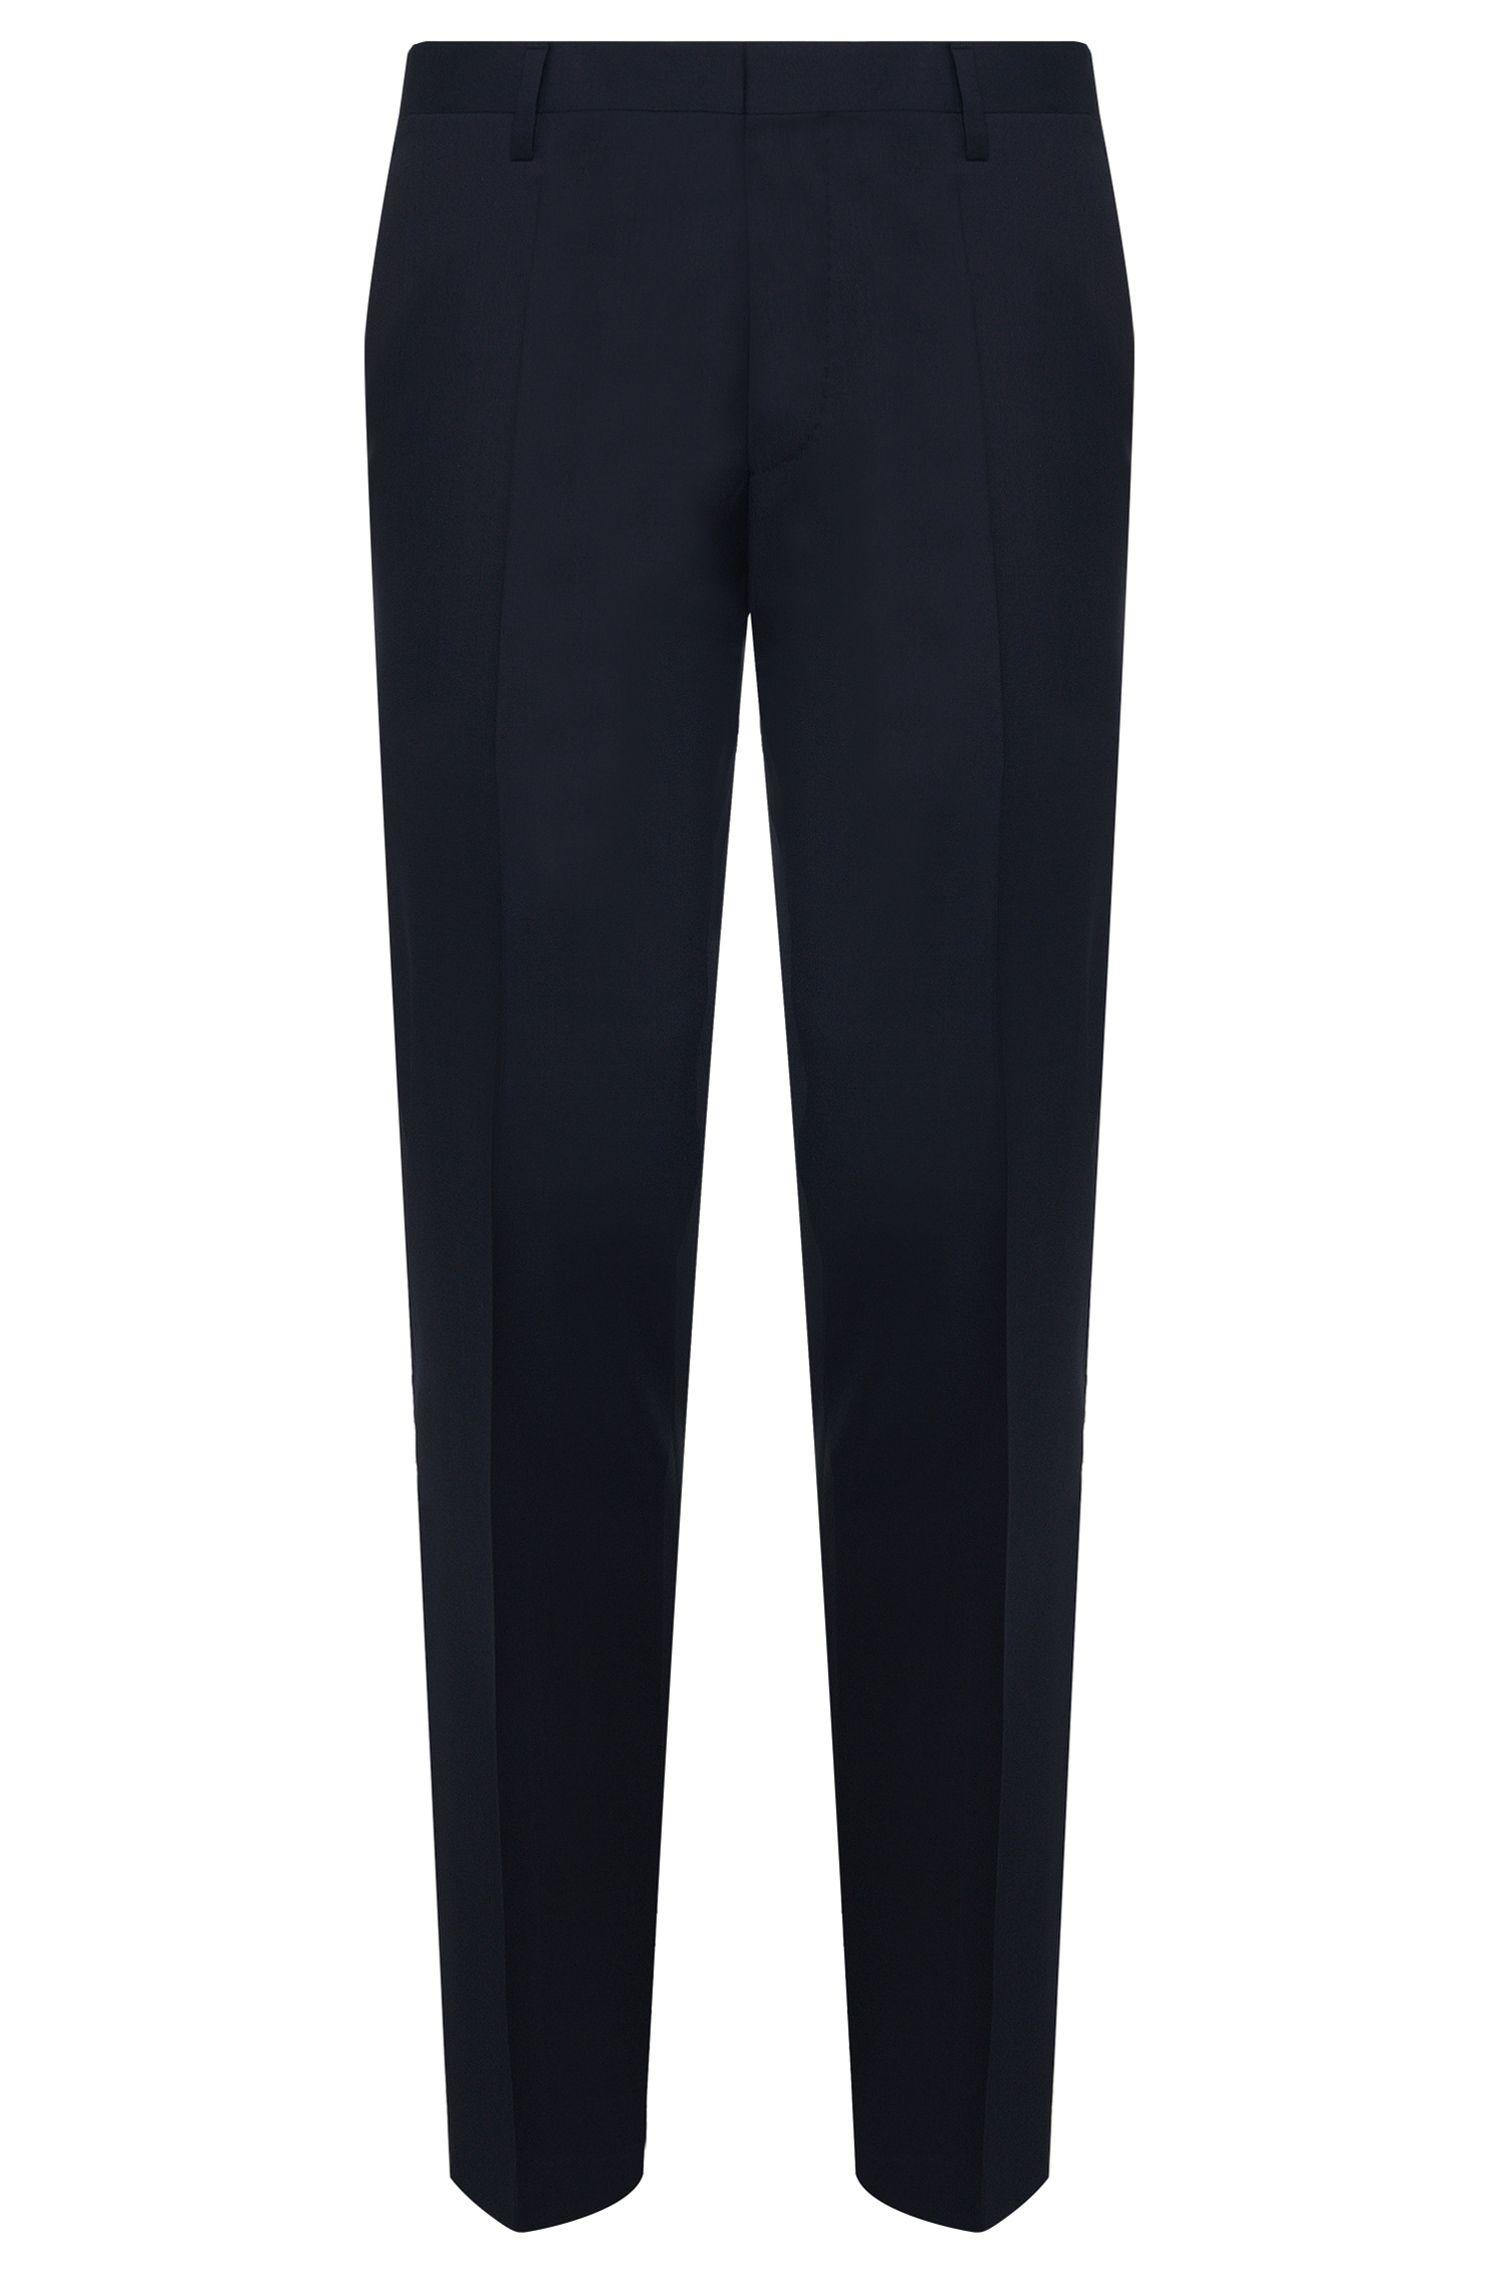 Virgin Wool Dress Pants, Slim Fit | Gibson CYL, Dark Blue